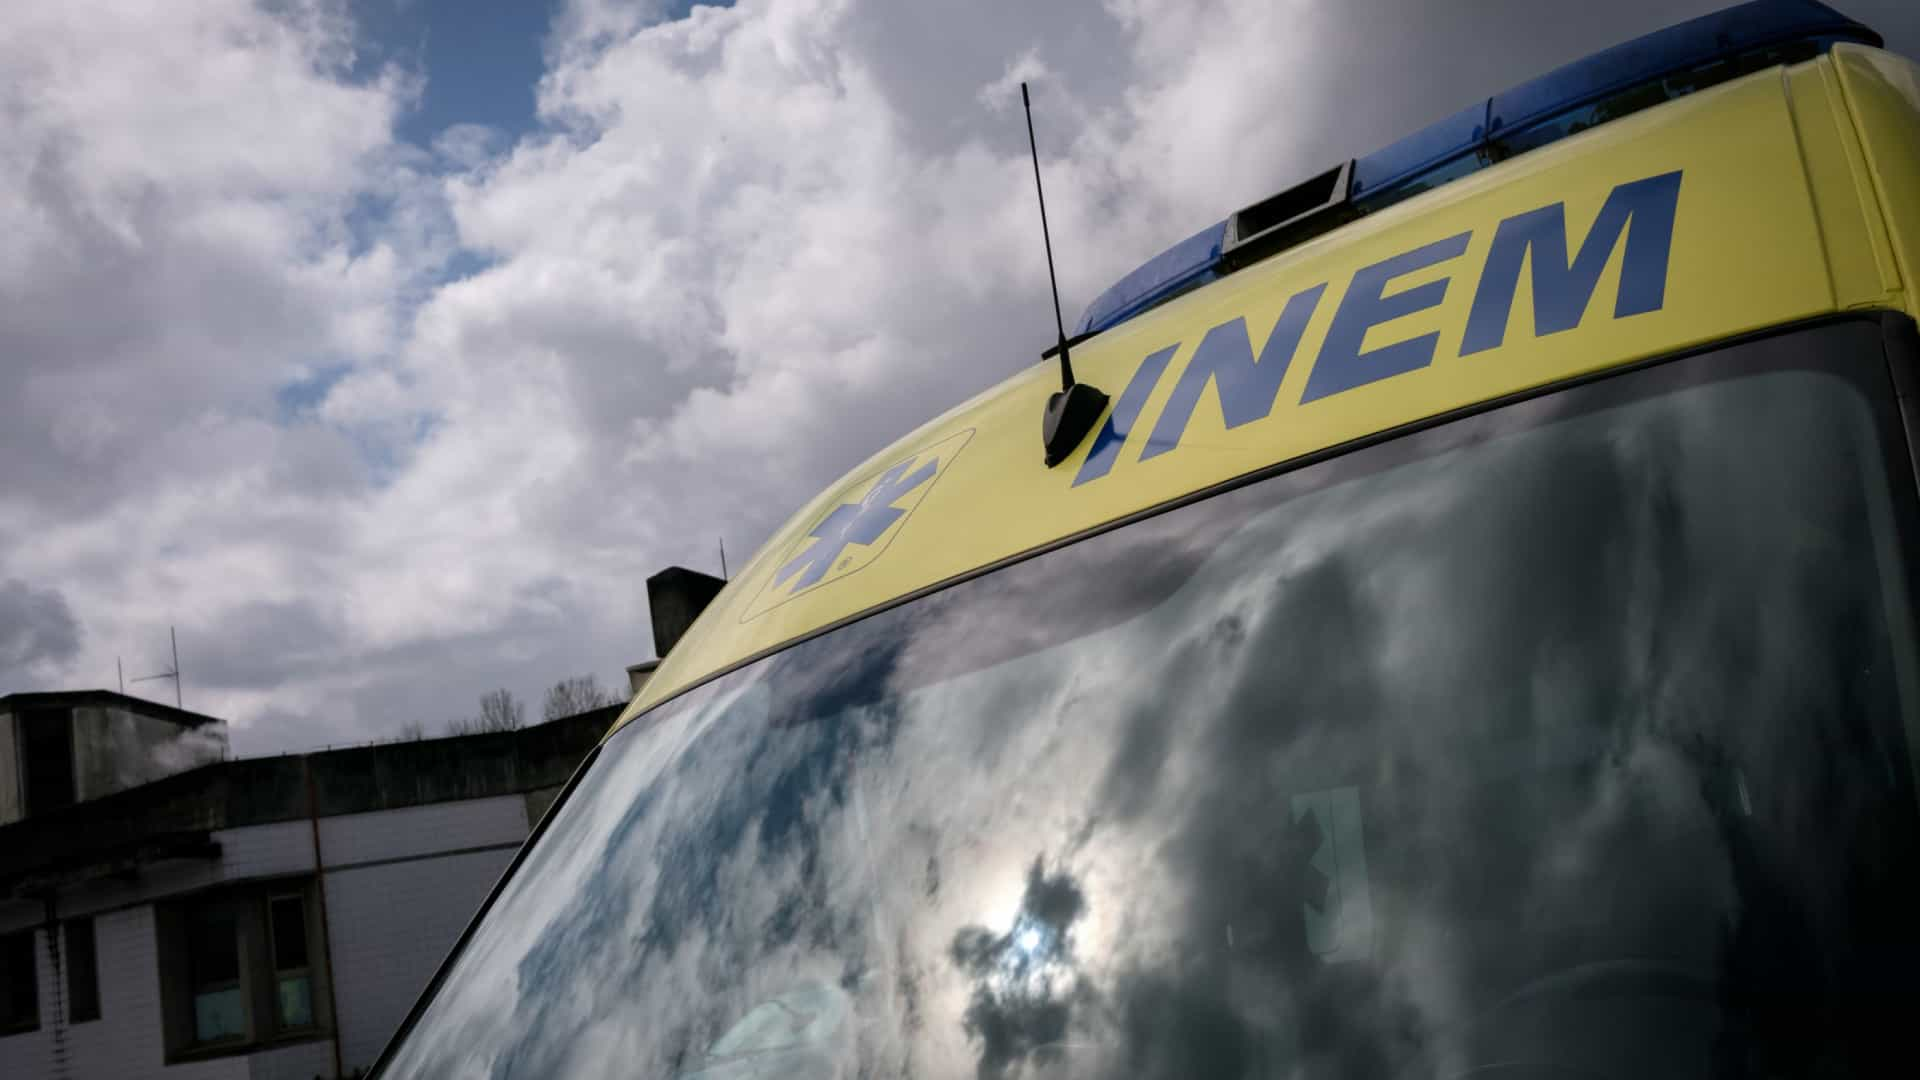 Um morto e um ferido em colisão no IC8, em Leiria. Trânsito condicionado